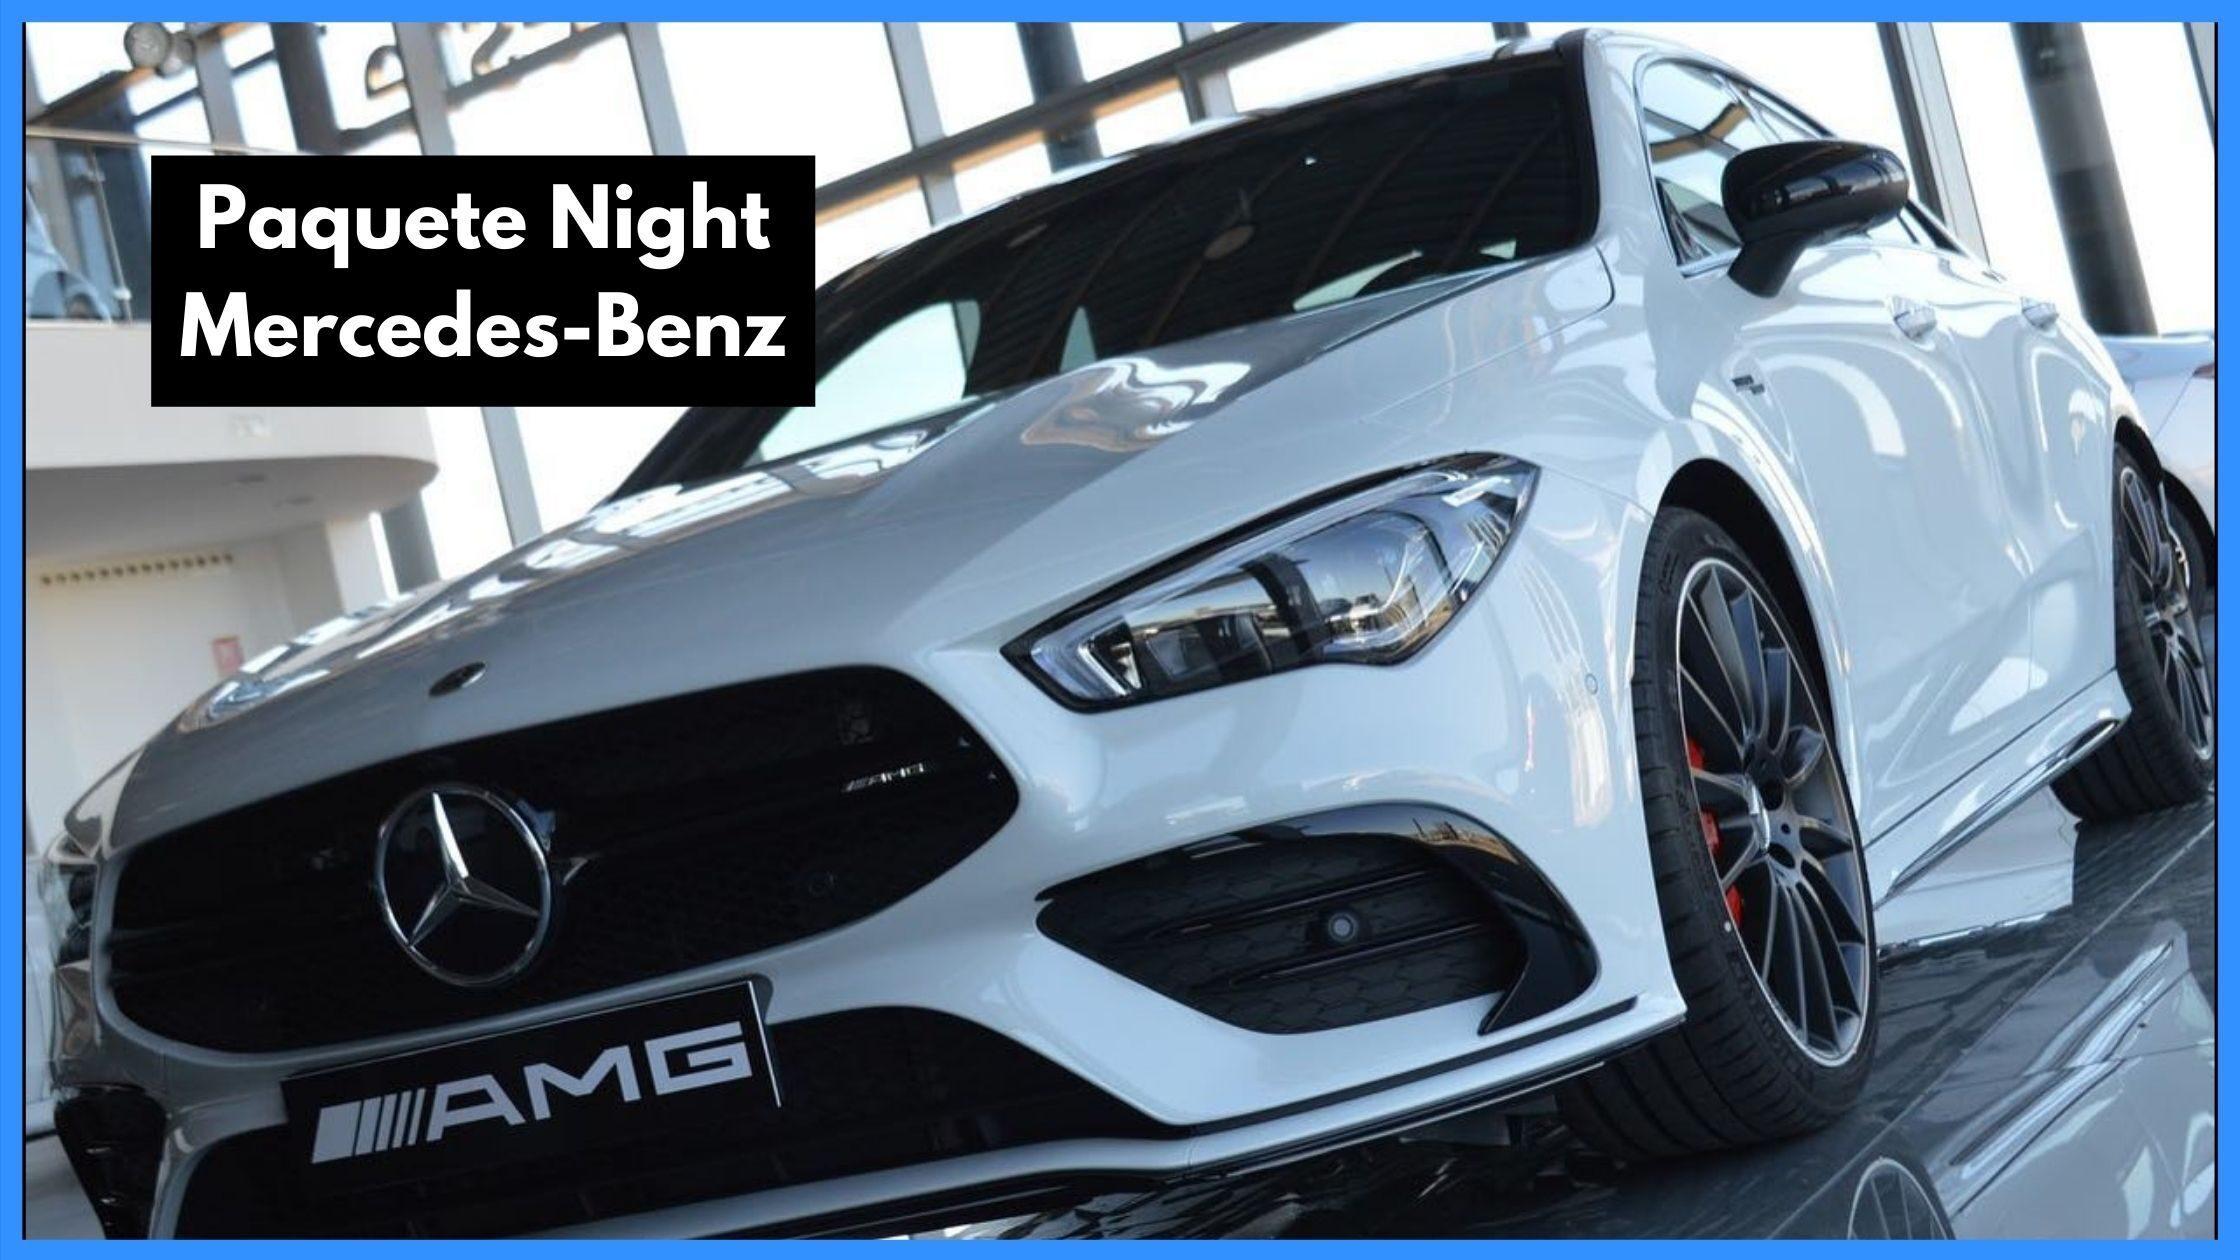 Paquete Night Mercedes-Benz - Automoción del Oeste